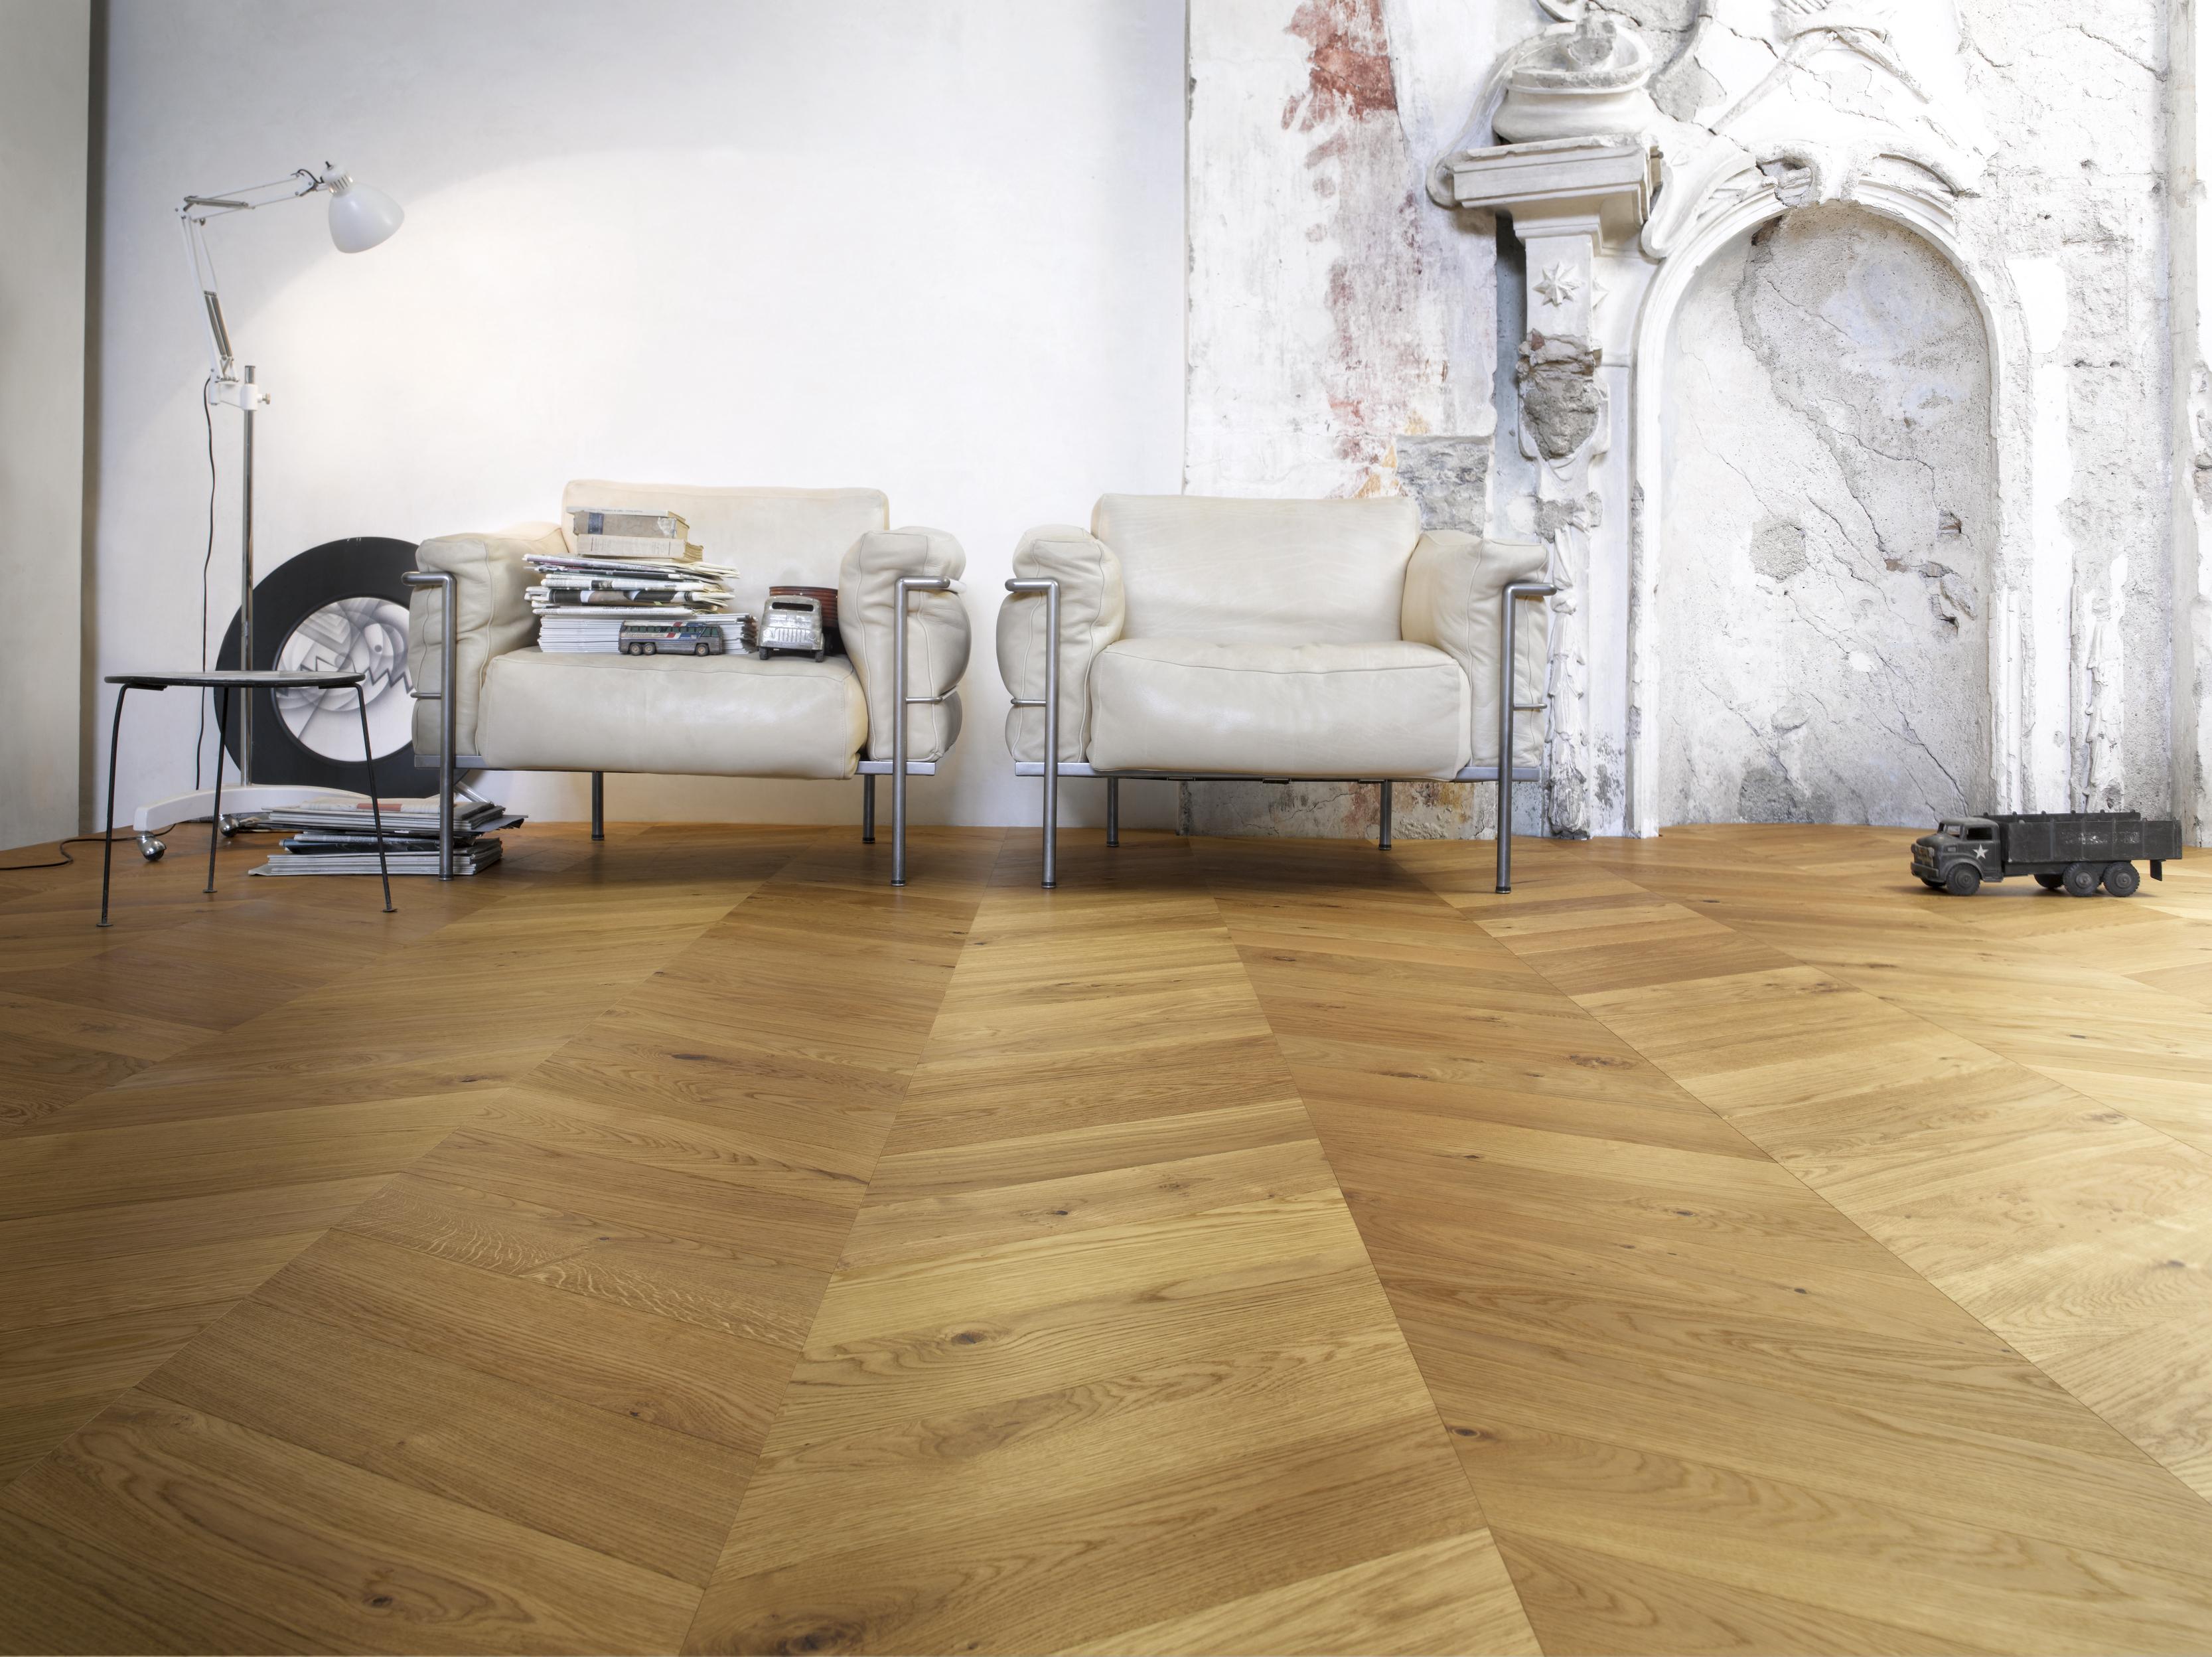 Jodełka francuska ijodełka węgierska – modne podłogi drewniane.